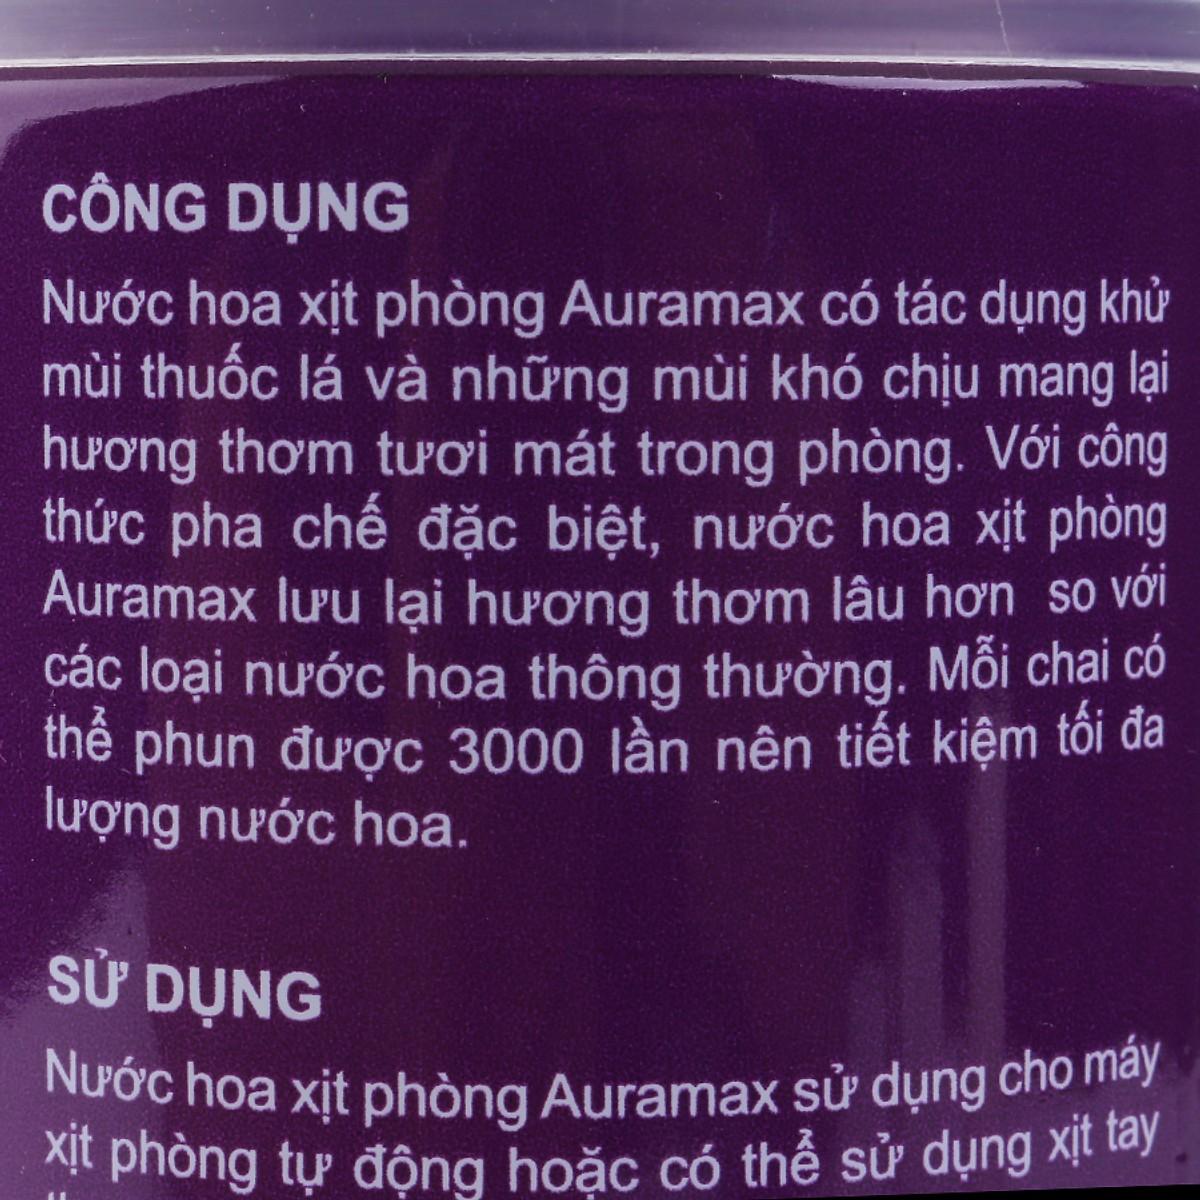 Nước hoa xịt phòng Auramax 300ml hương Midnight scent (hương đêm)